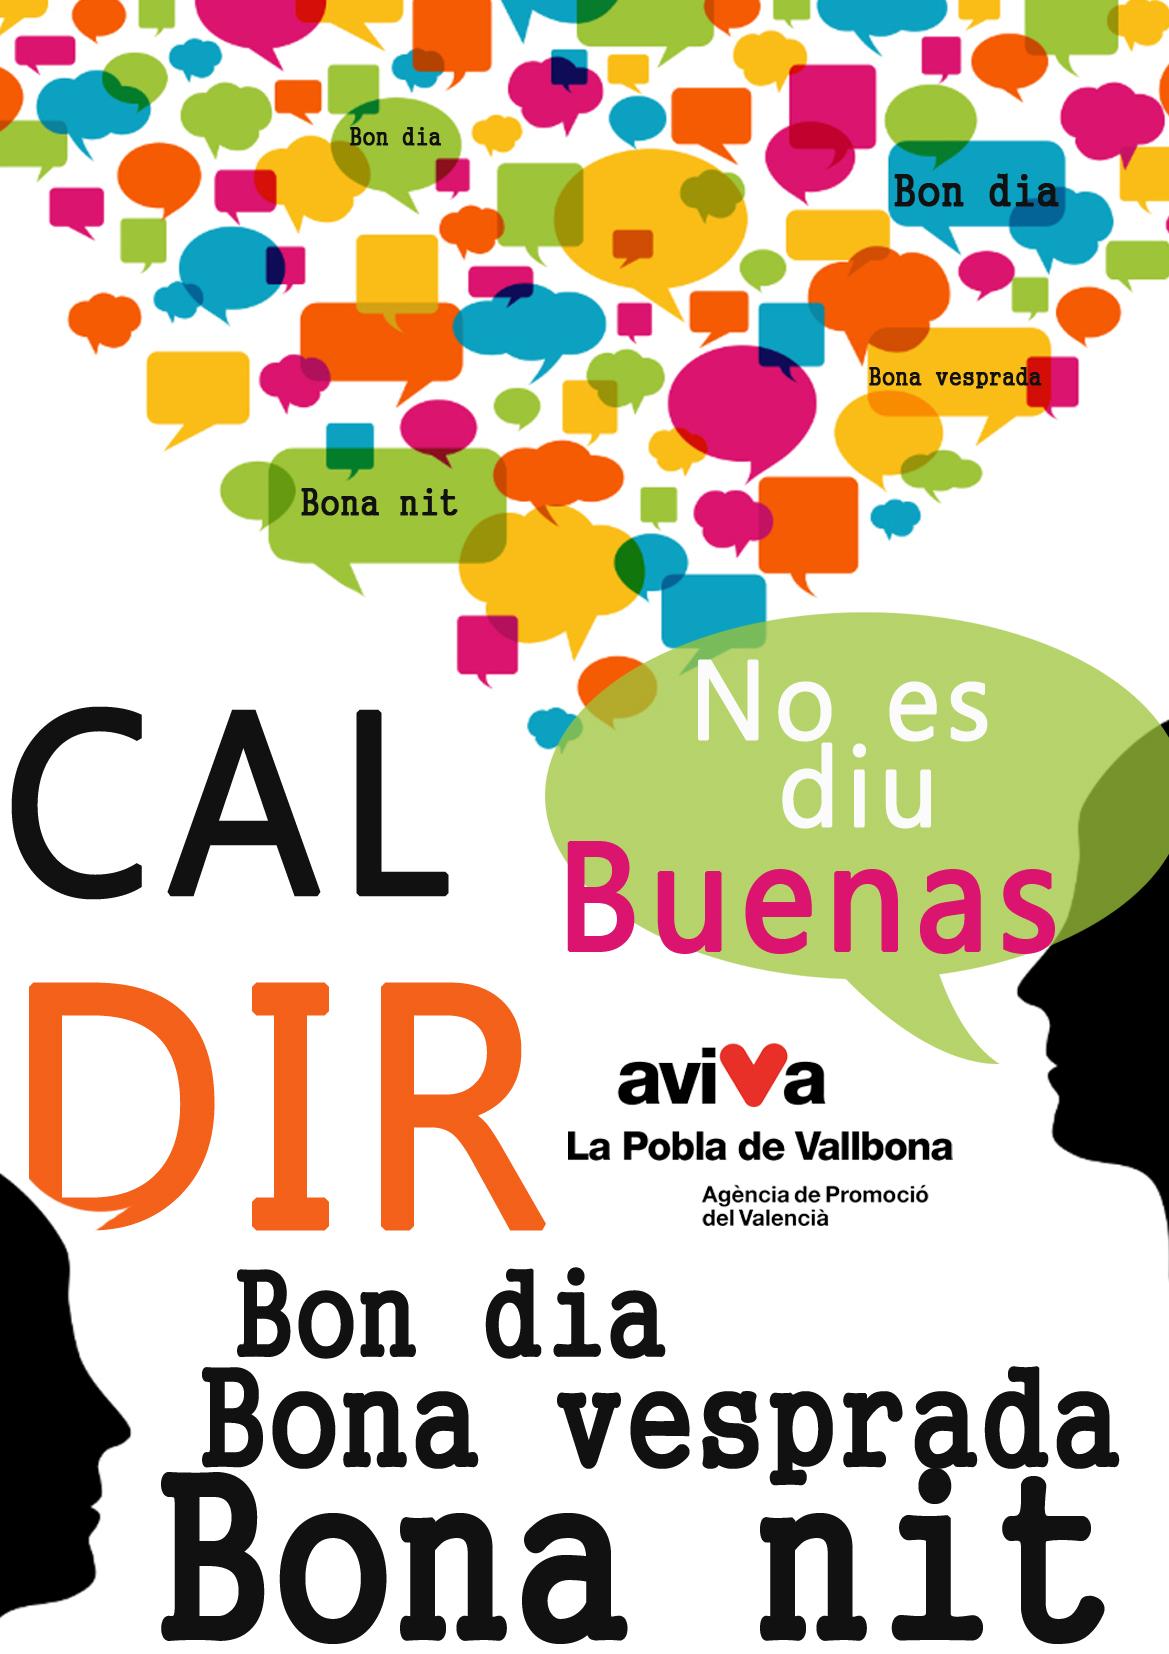 Nuevo cartel de la promoción del valenciano del Ayuntamiento de la Pobla